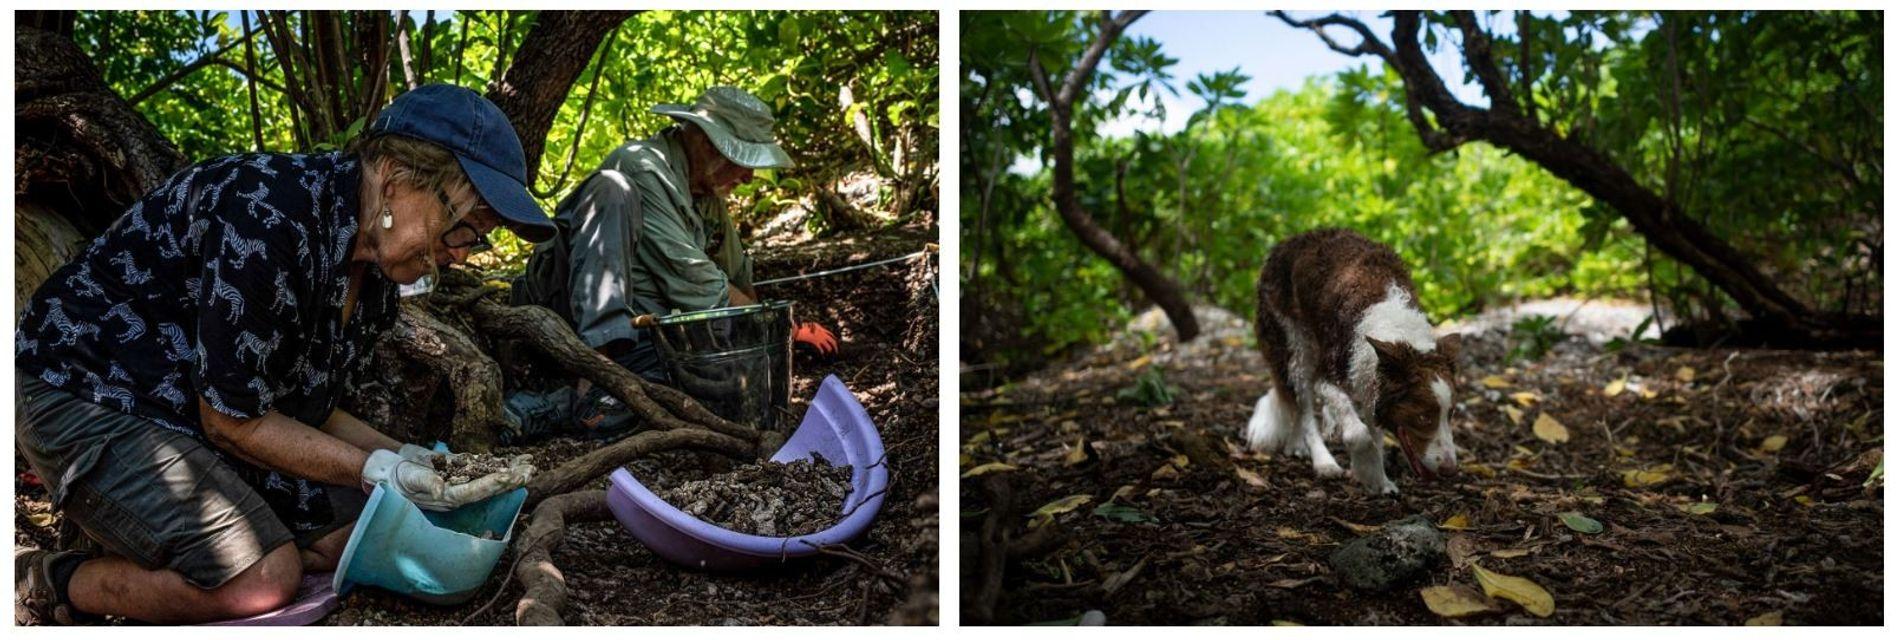 Esquerda: Os arqueólogos Dawn Johnson e Tom King procuram artefactos e fragmentos de ossos junto a uma árvore em Nikumaroro, onde, segundo uma das teorias, Earhart morreu. Direita: Berkeley, um cão-pisteiro, examina a ilha. Em 2017, uma equipa de cães-pisteiros, incluindo Berkeley, chamou a atenção para esta árvore, indicando a presença de restos humanos.